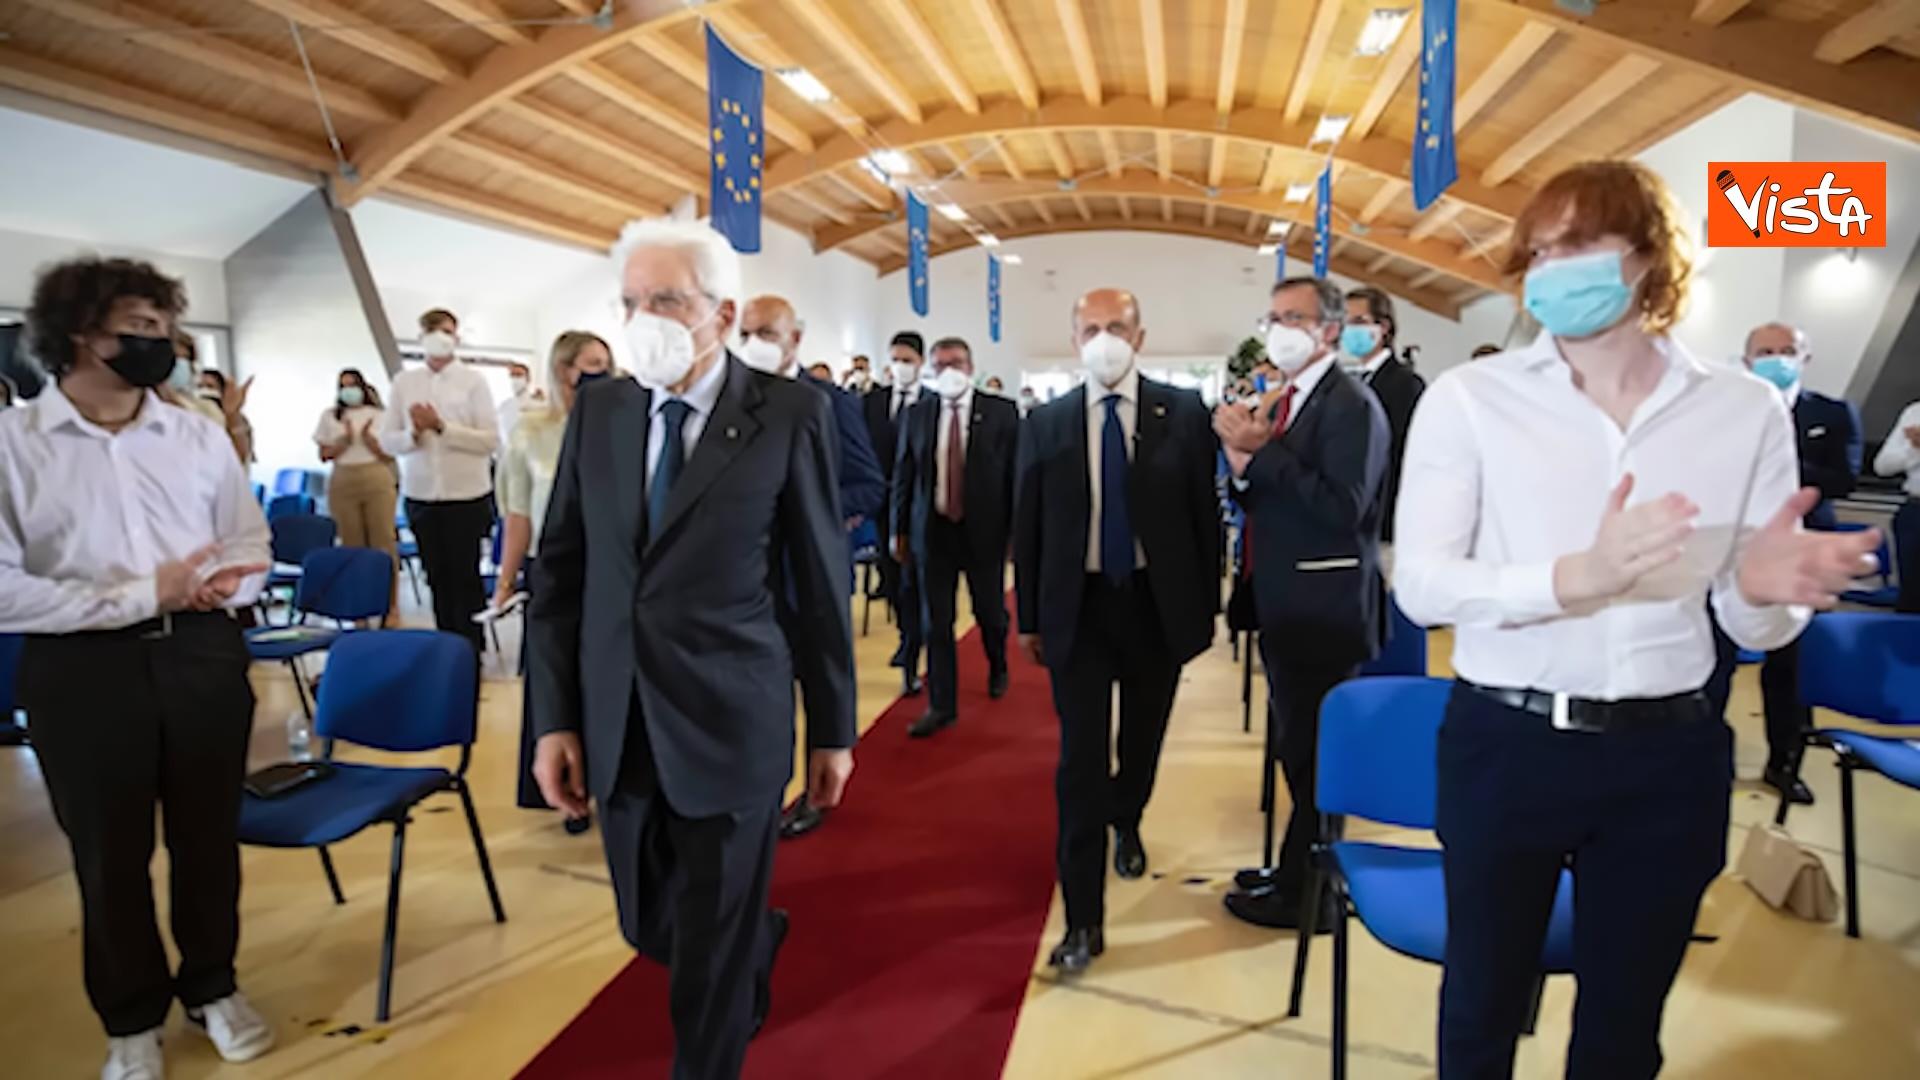 29-08-21 Il Presidente Mattarella a Ventiotene 01_0016018045370538125542